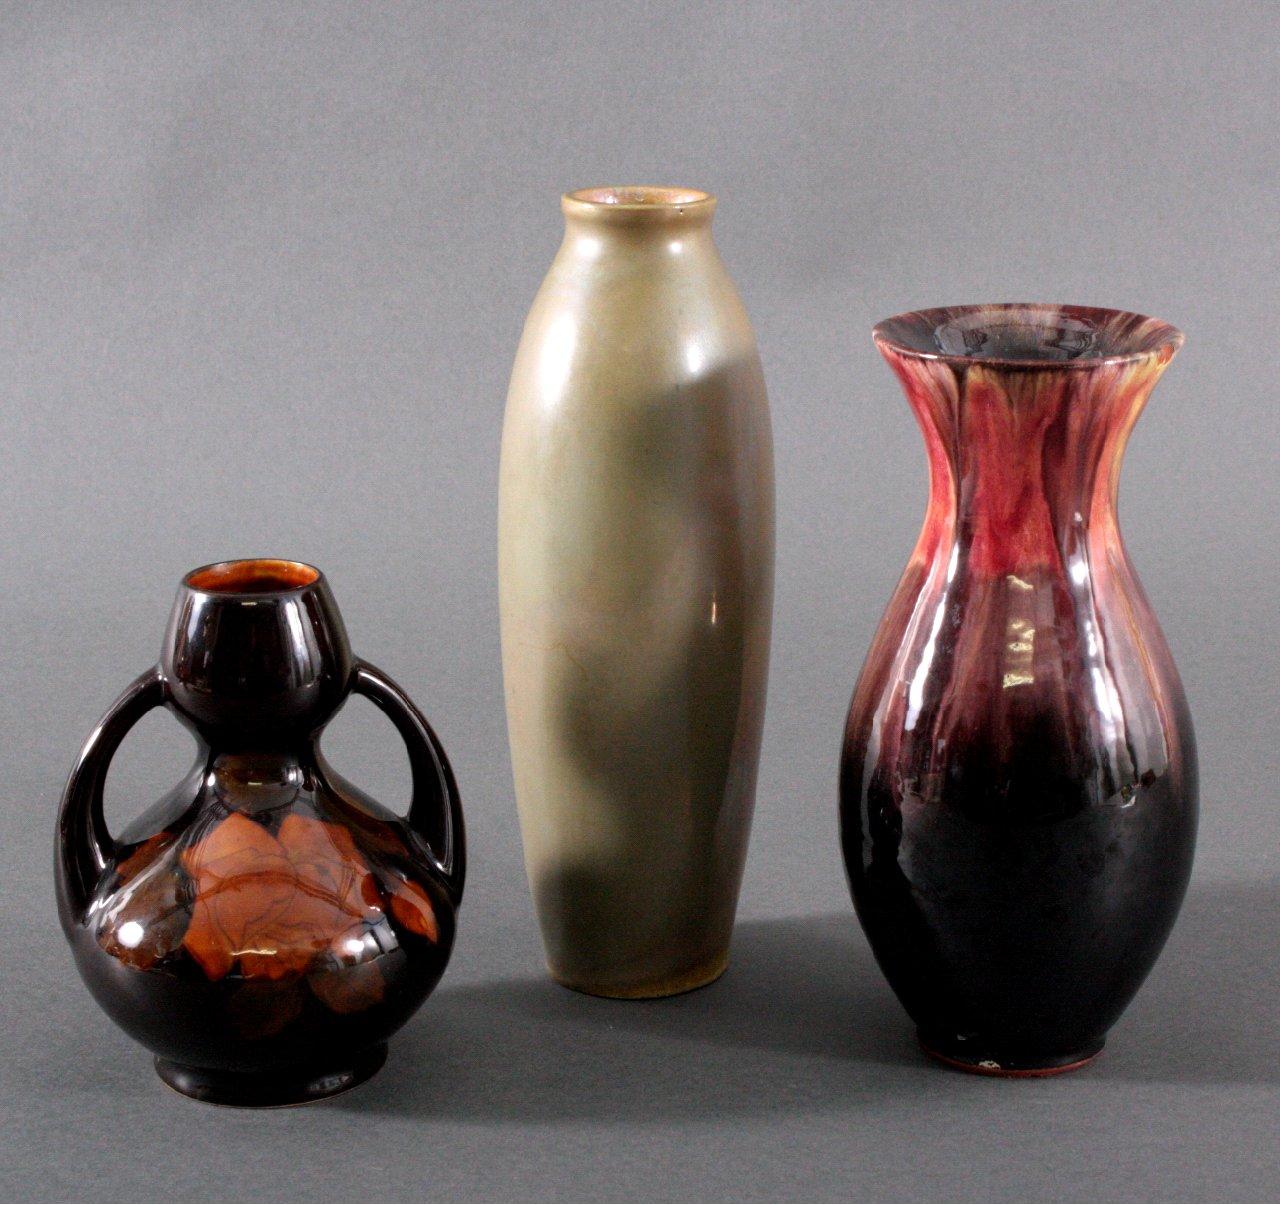 drei jugendstil keramik vasen badisches auktionshaus. Black Bedroom Furniture Sets. Home Design Ideas